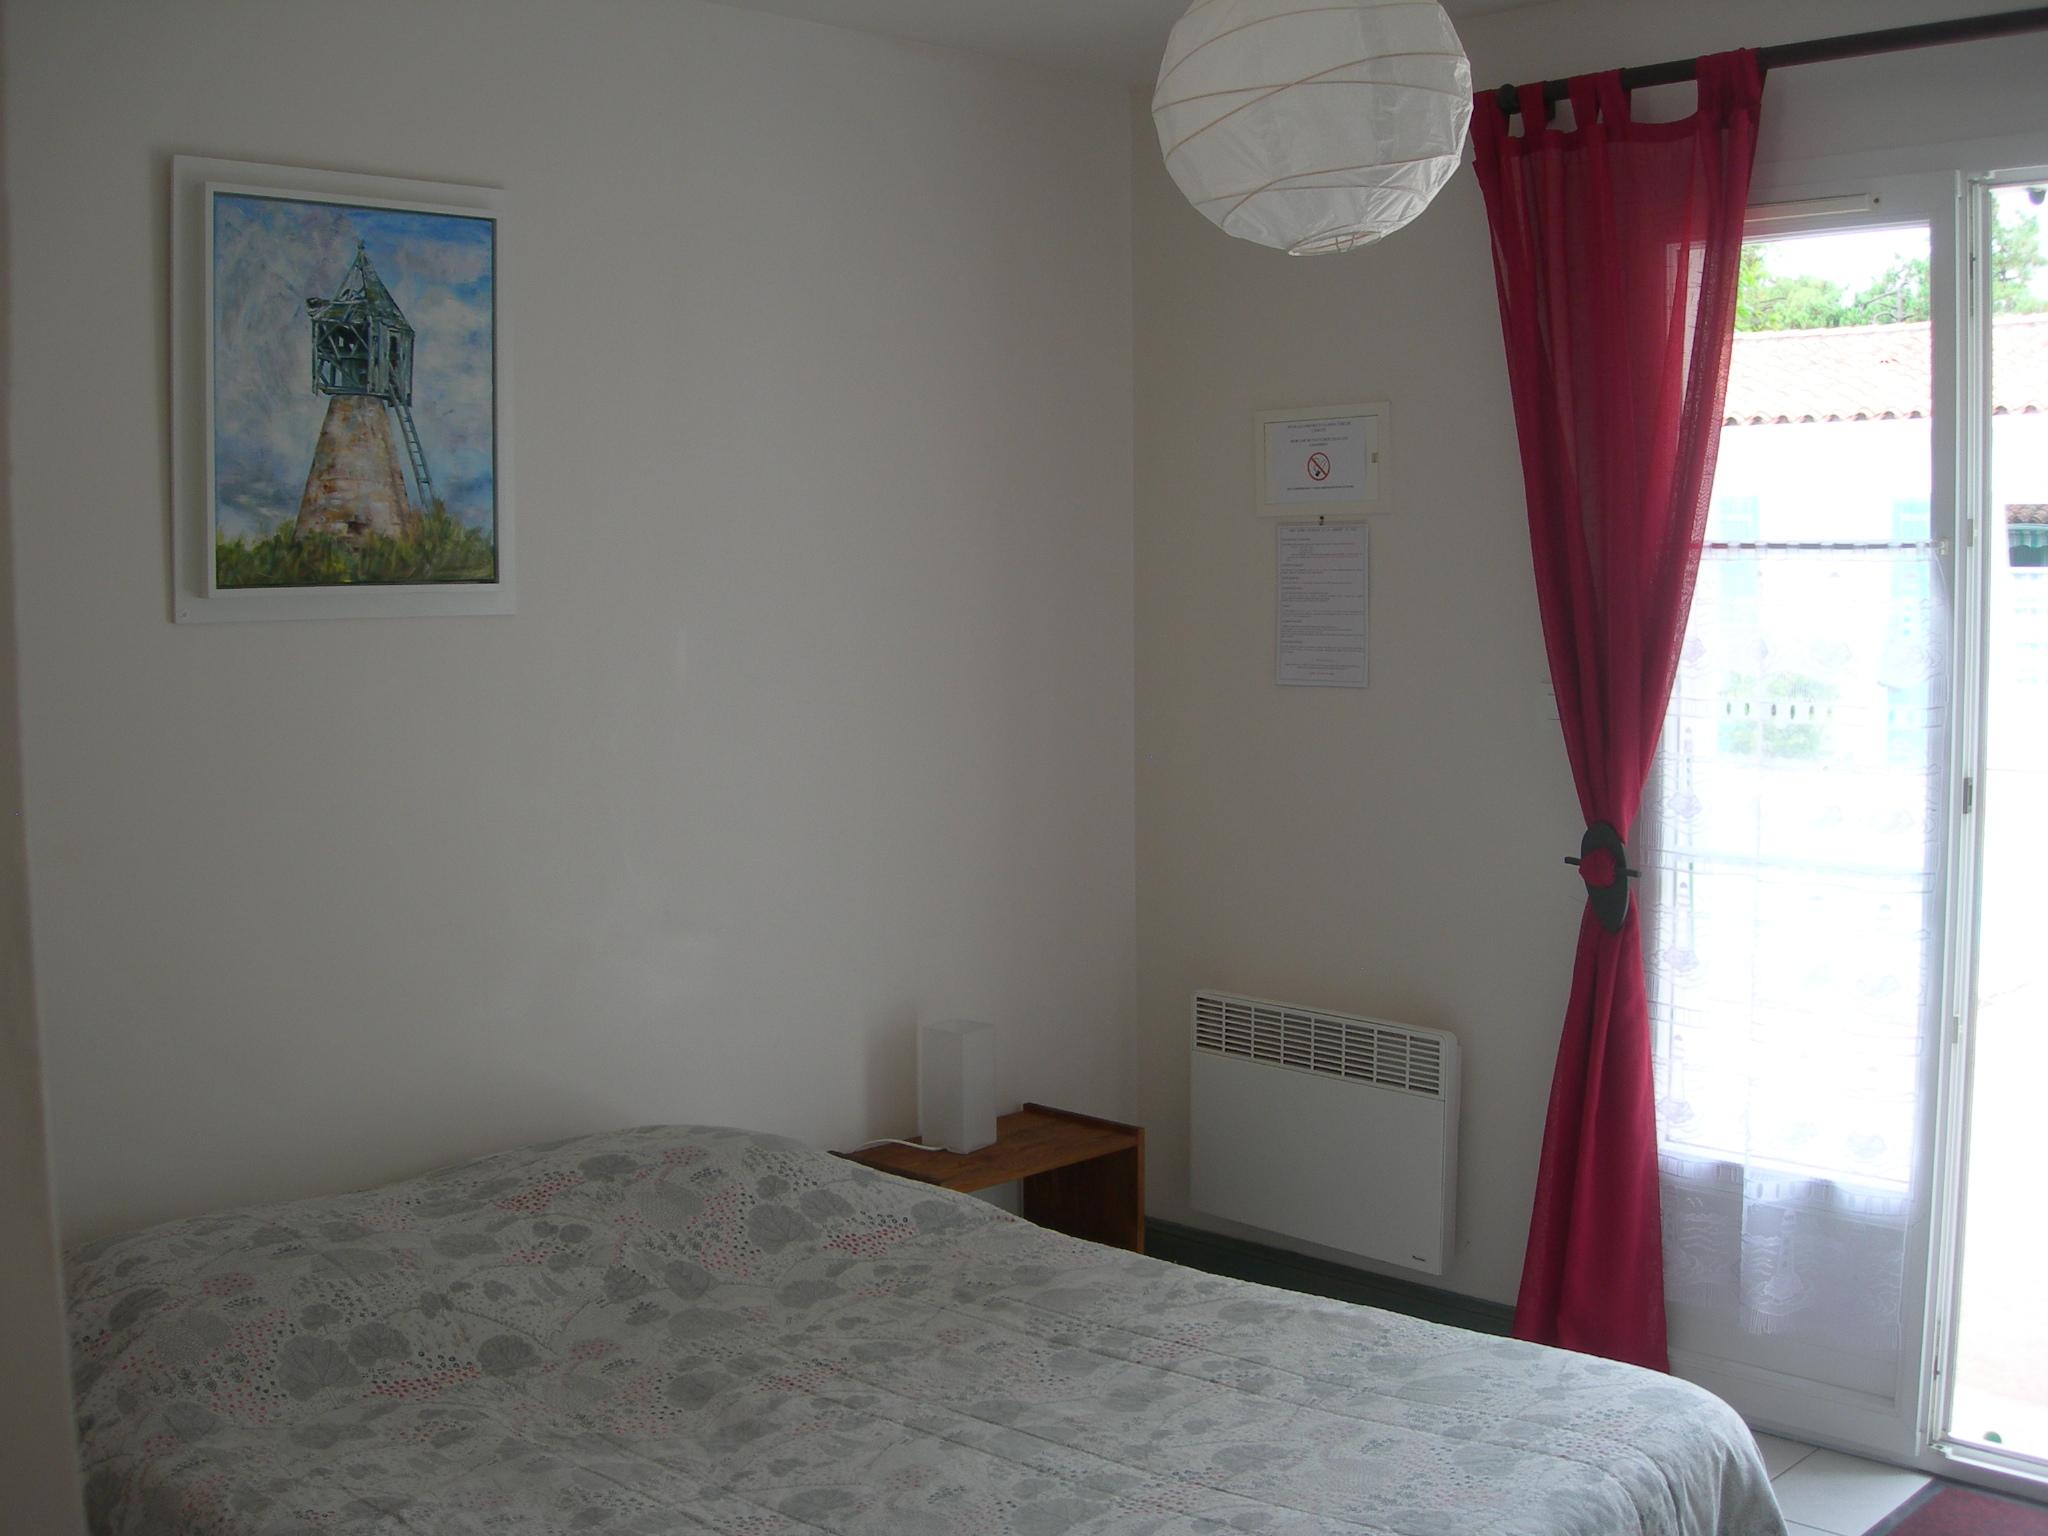 chambres d 39 h tes sur l 39 ile de r. Black Bedroom Furniture Sets. Home Design Ideas